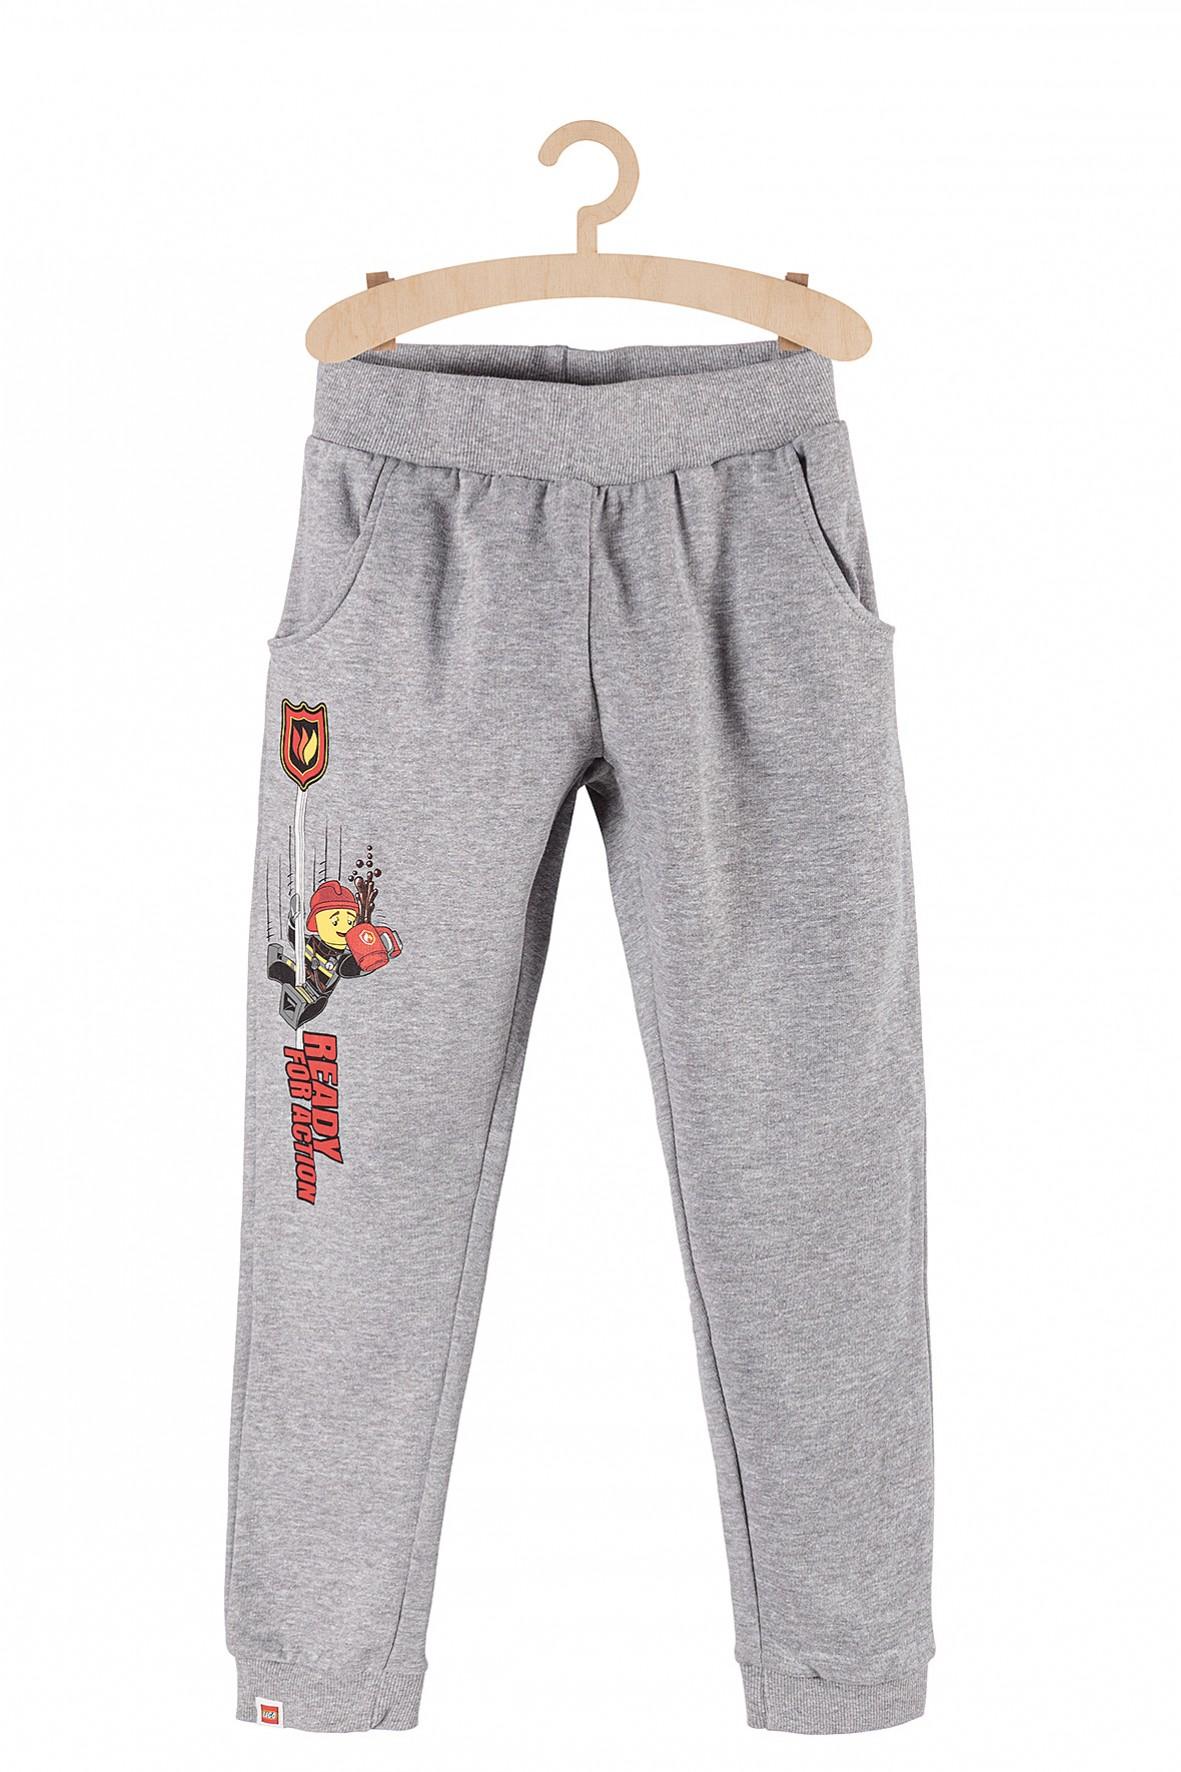 Spodnie dresowe dla chłopca- szare Lego